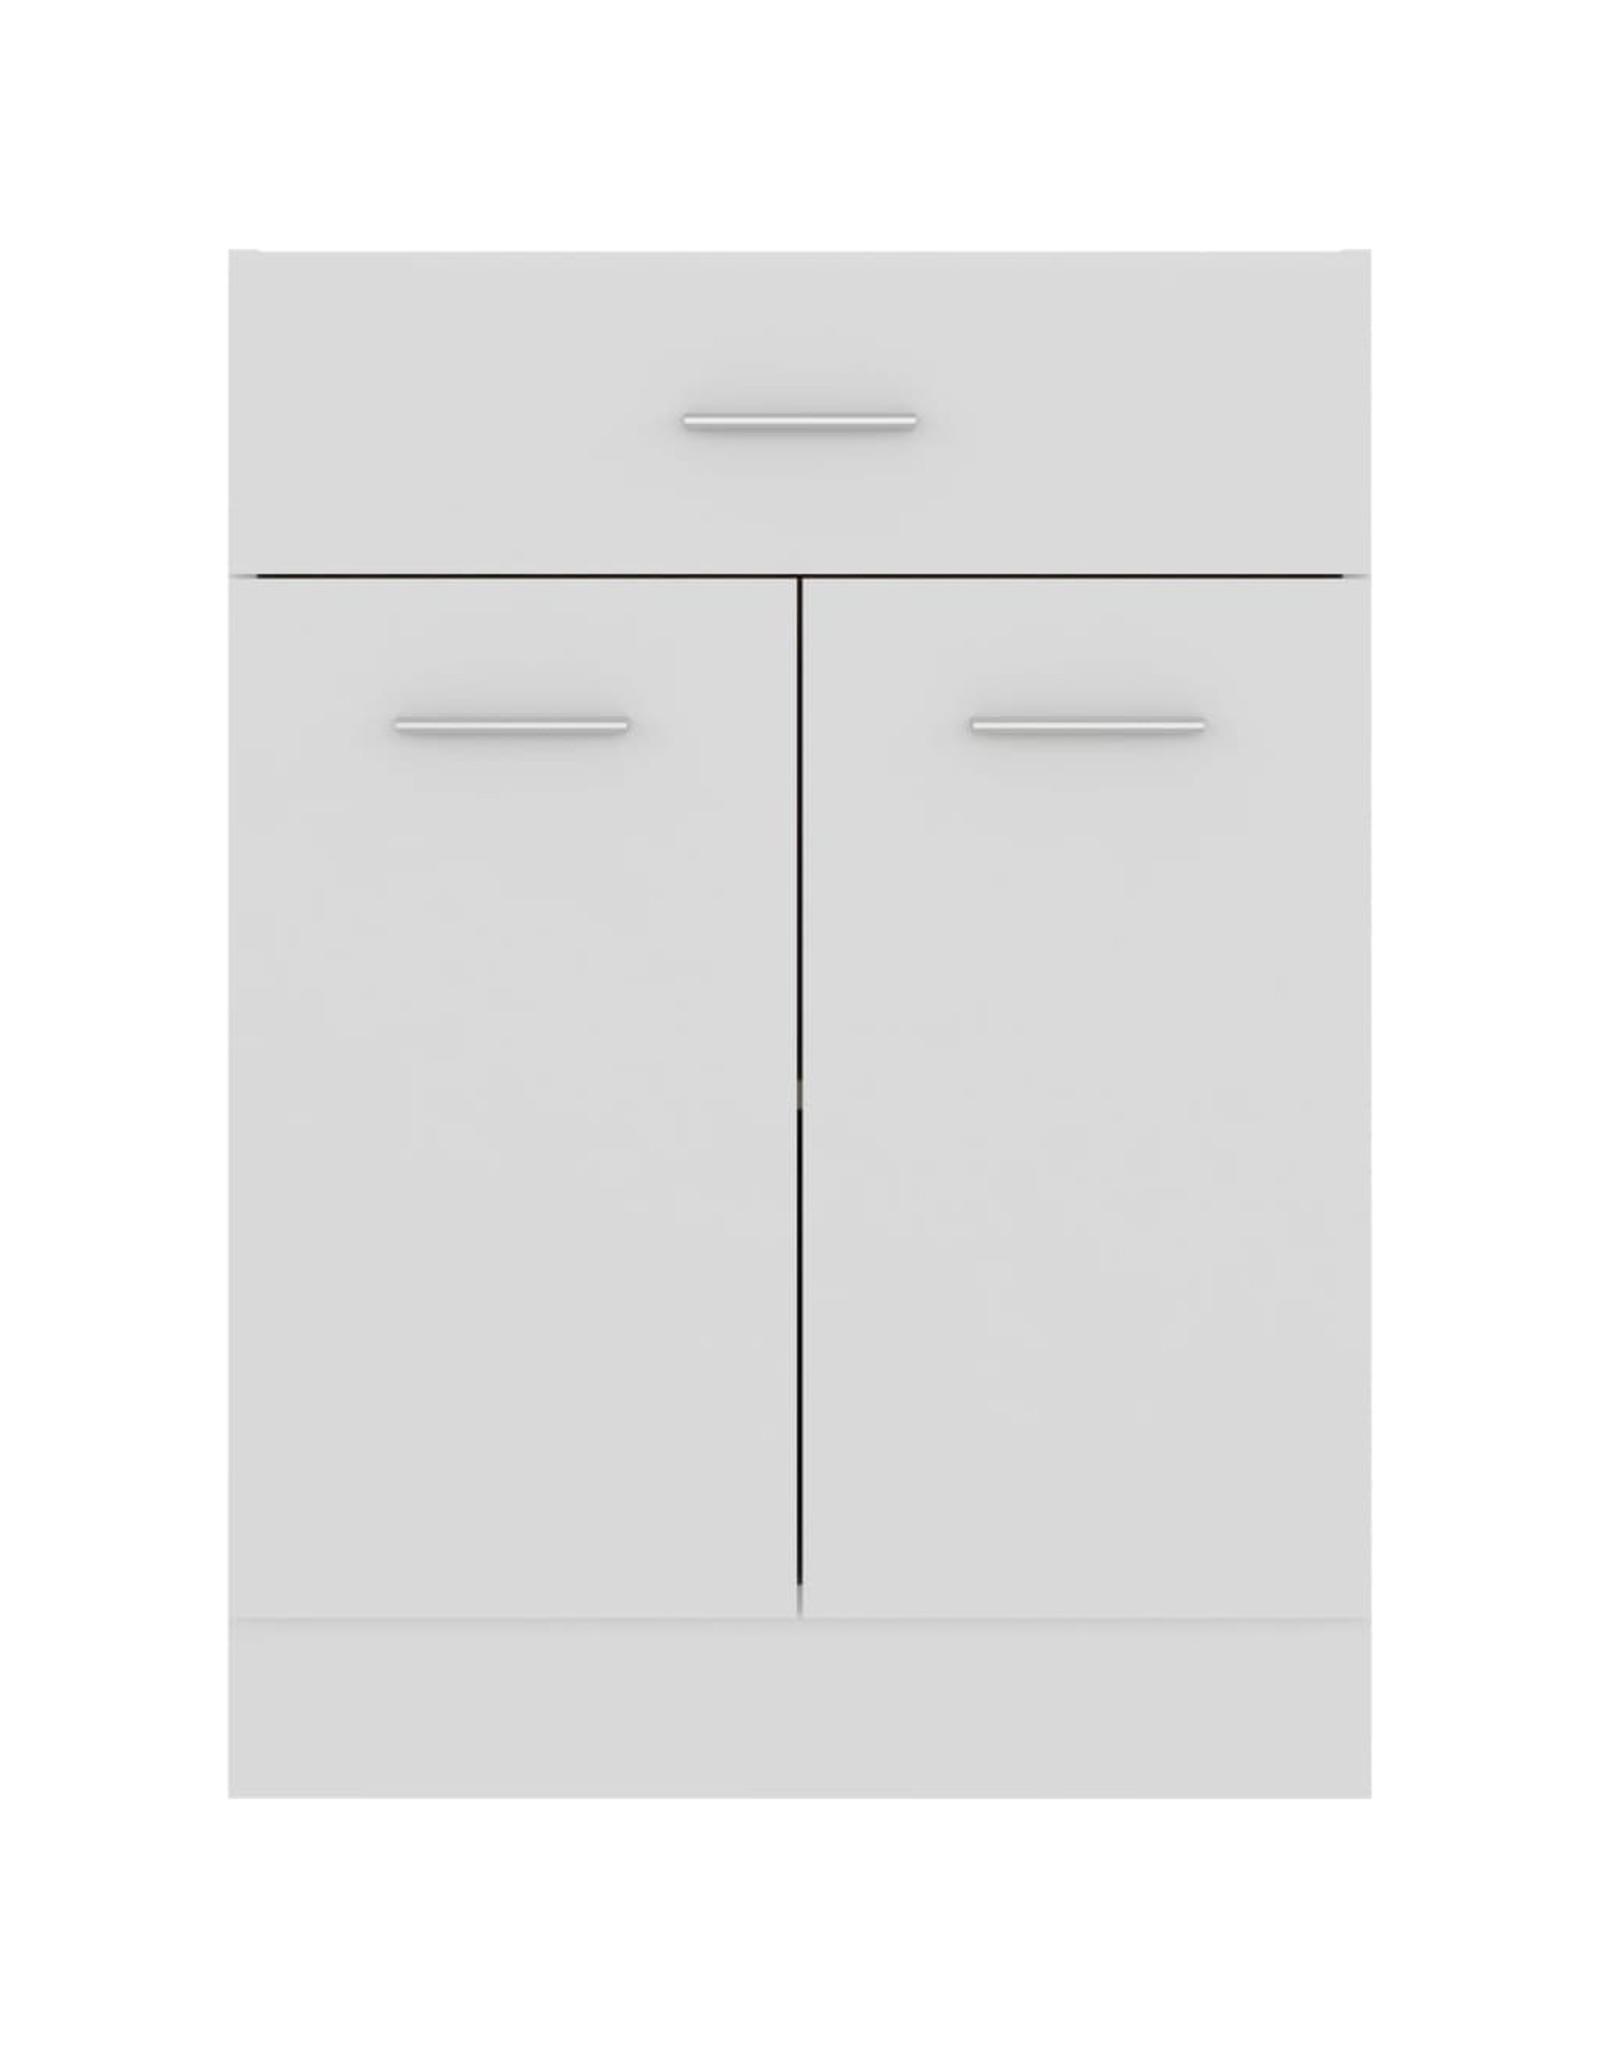 Onderkast met lade 60x46x81,5 cm spaanplaat wit